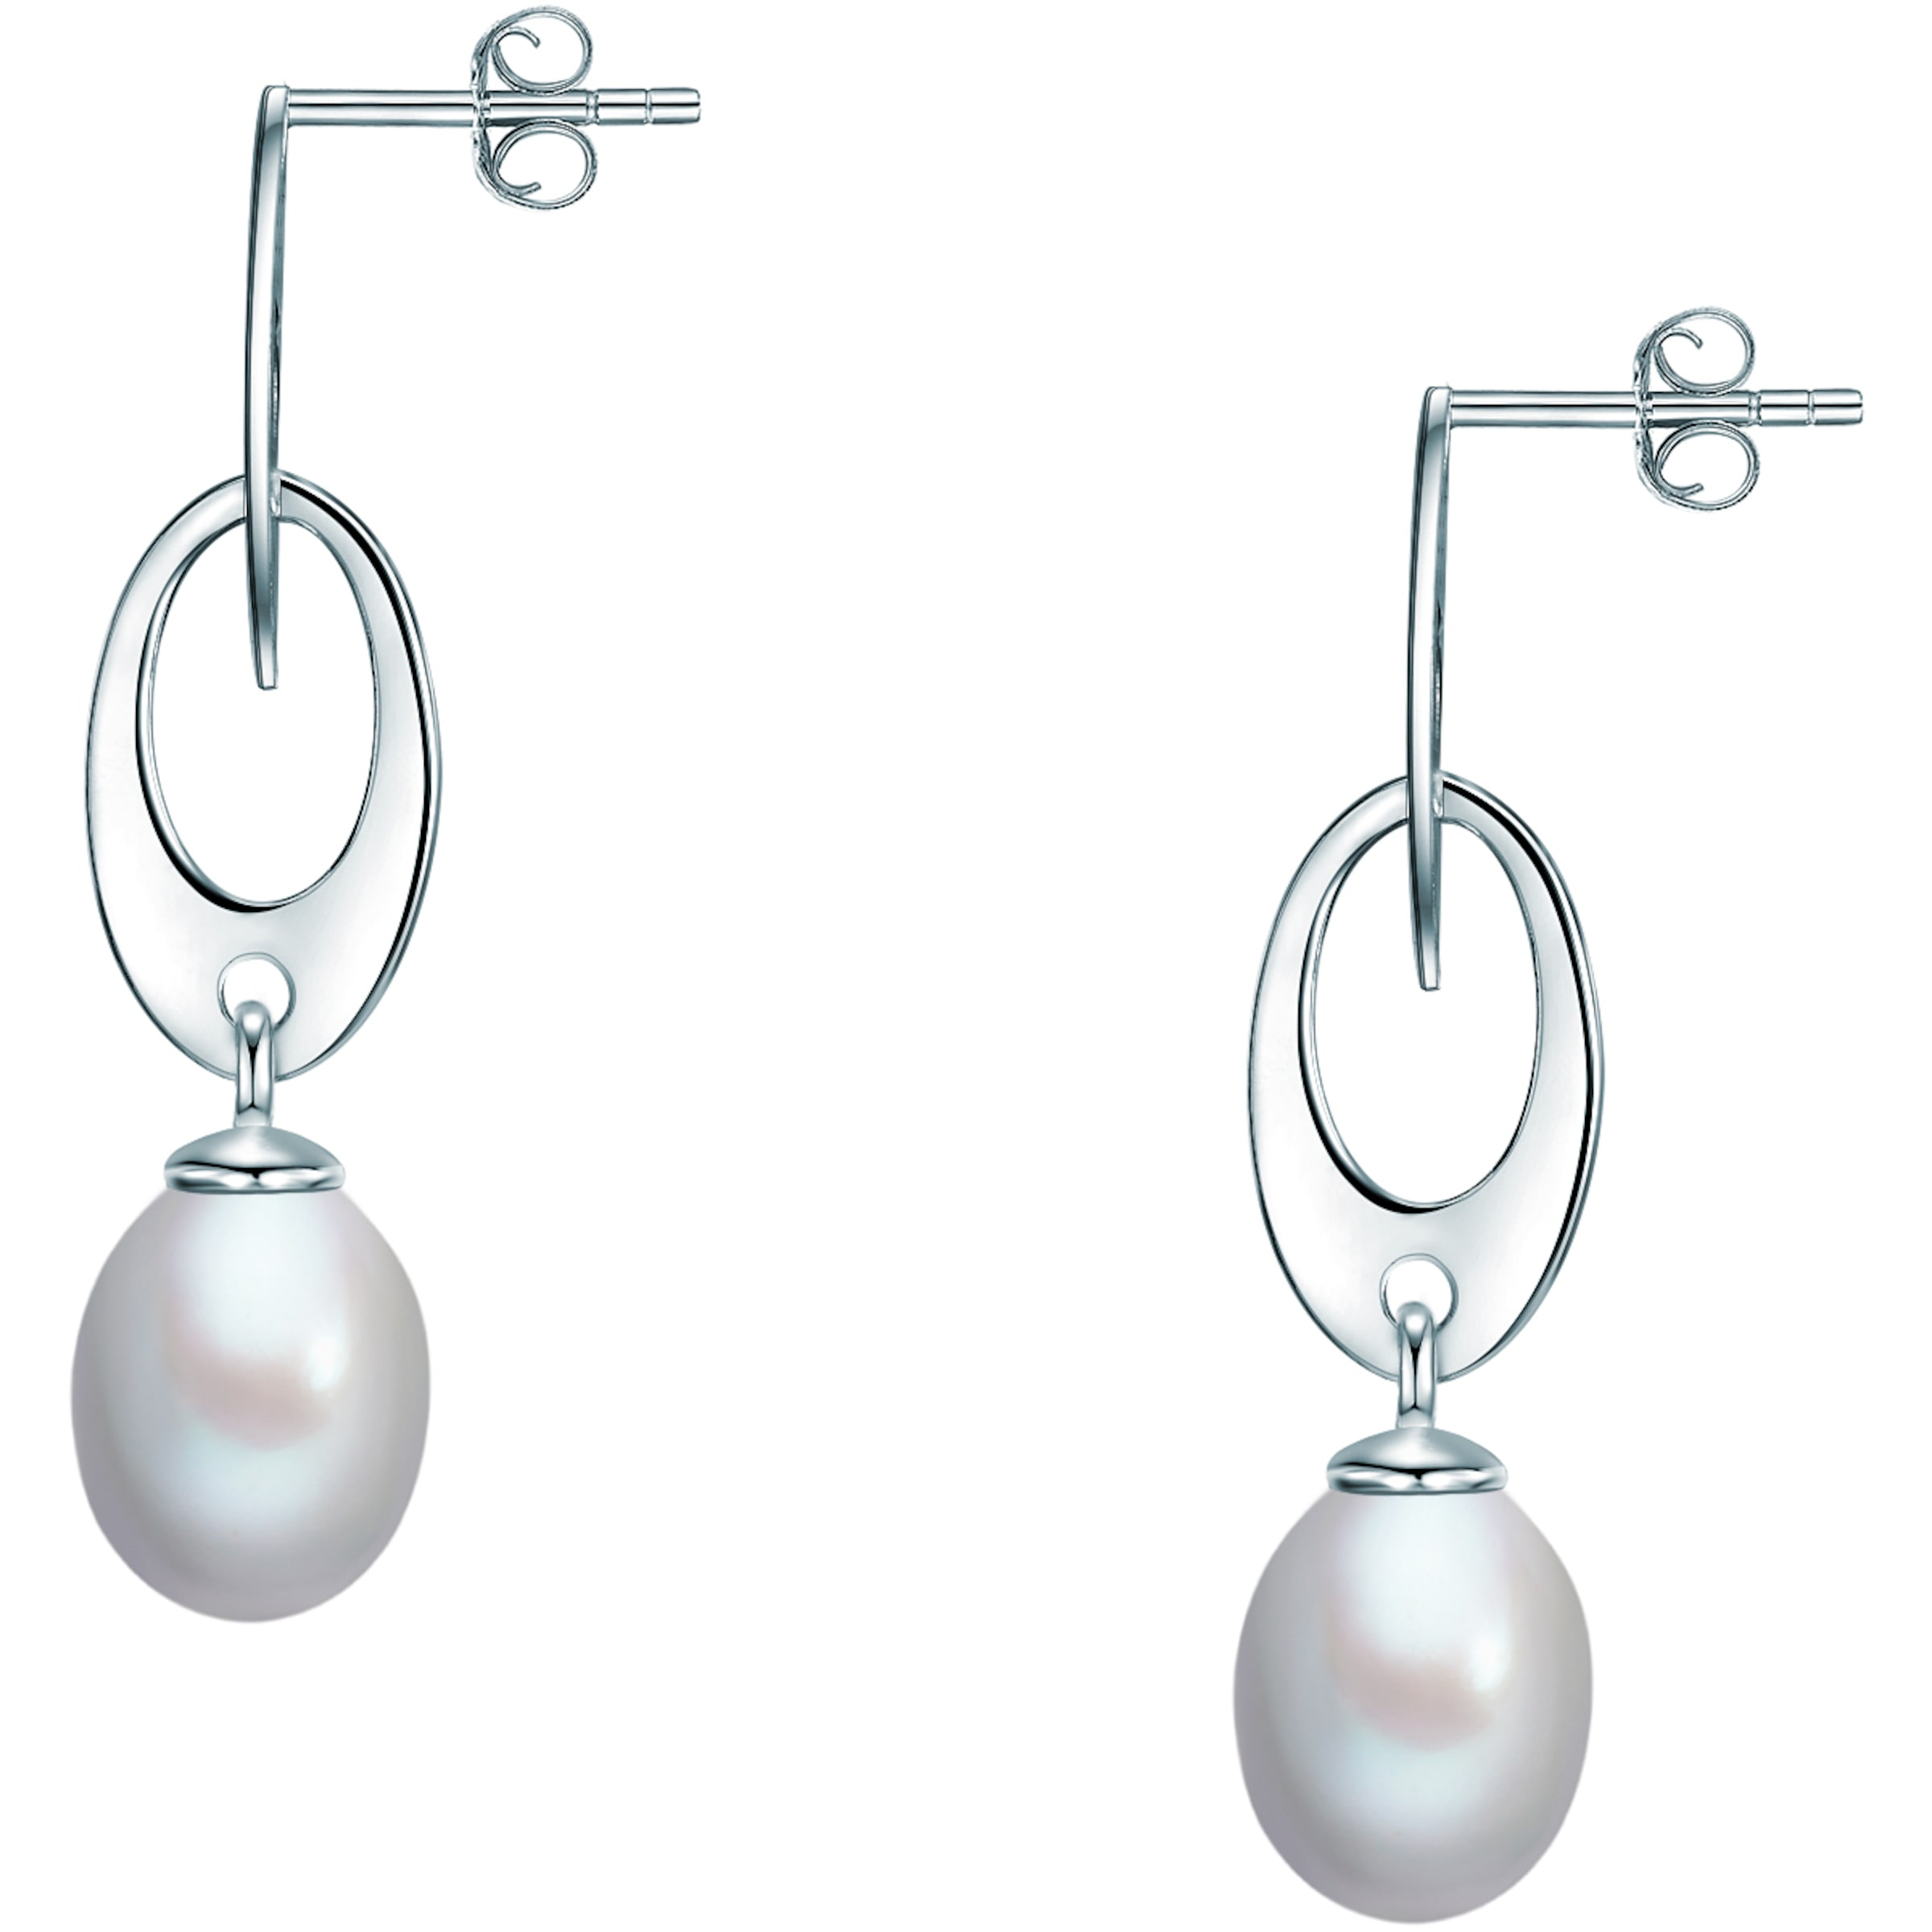 Valero Pearls Silberohrstecker mit Süßwasser-Zuchtperlen Verkauf Austrittsstellen y6WKCcJ3f